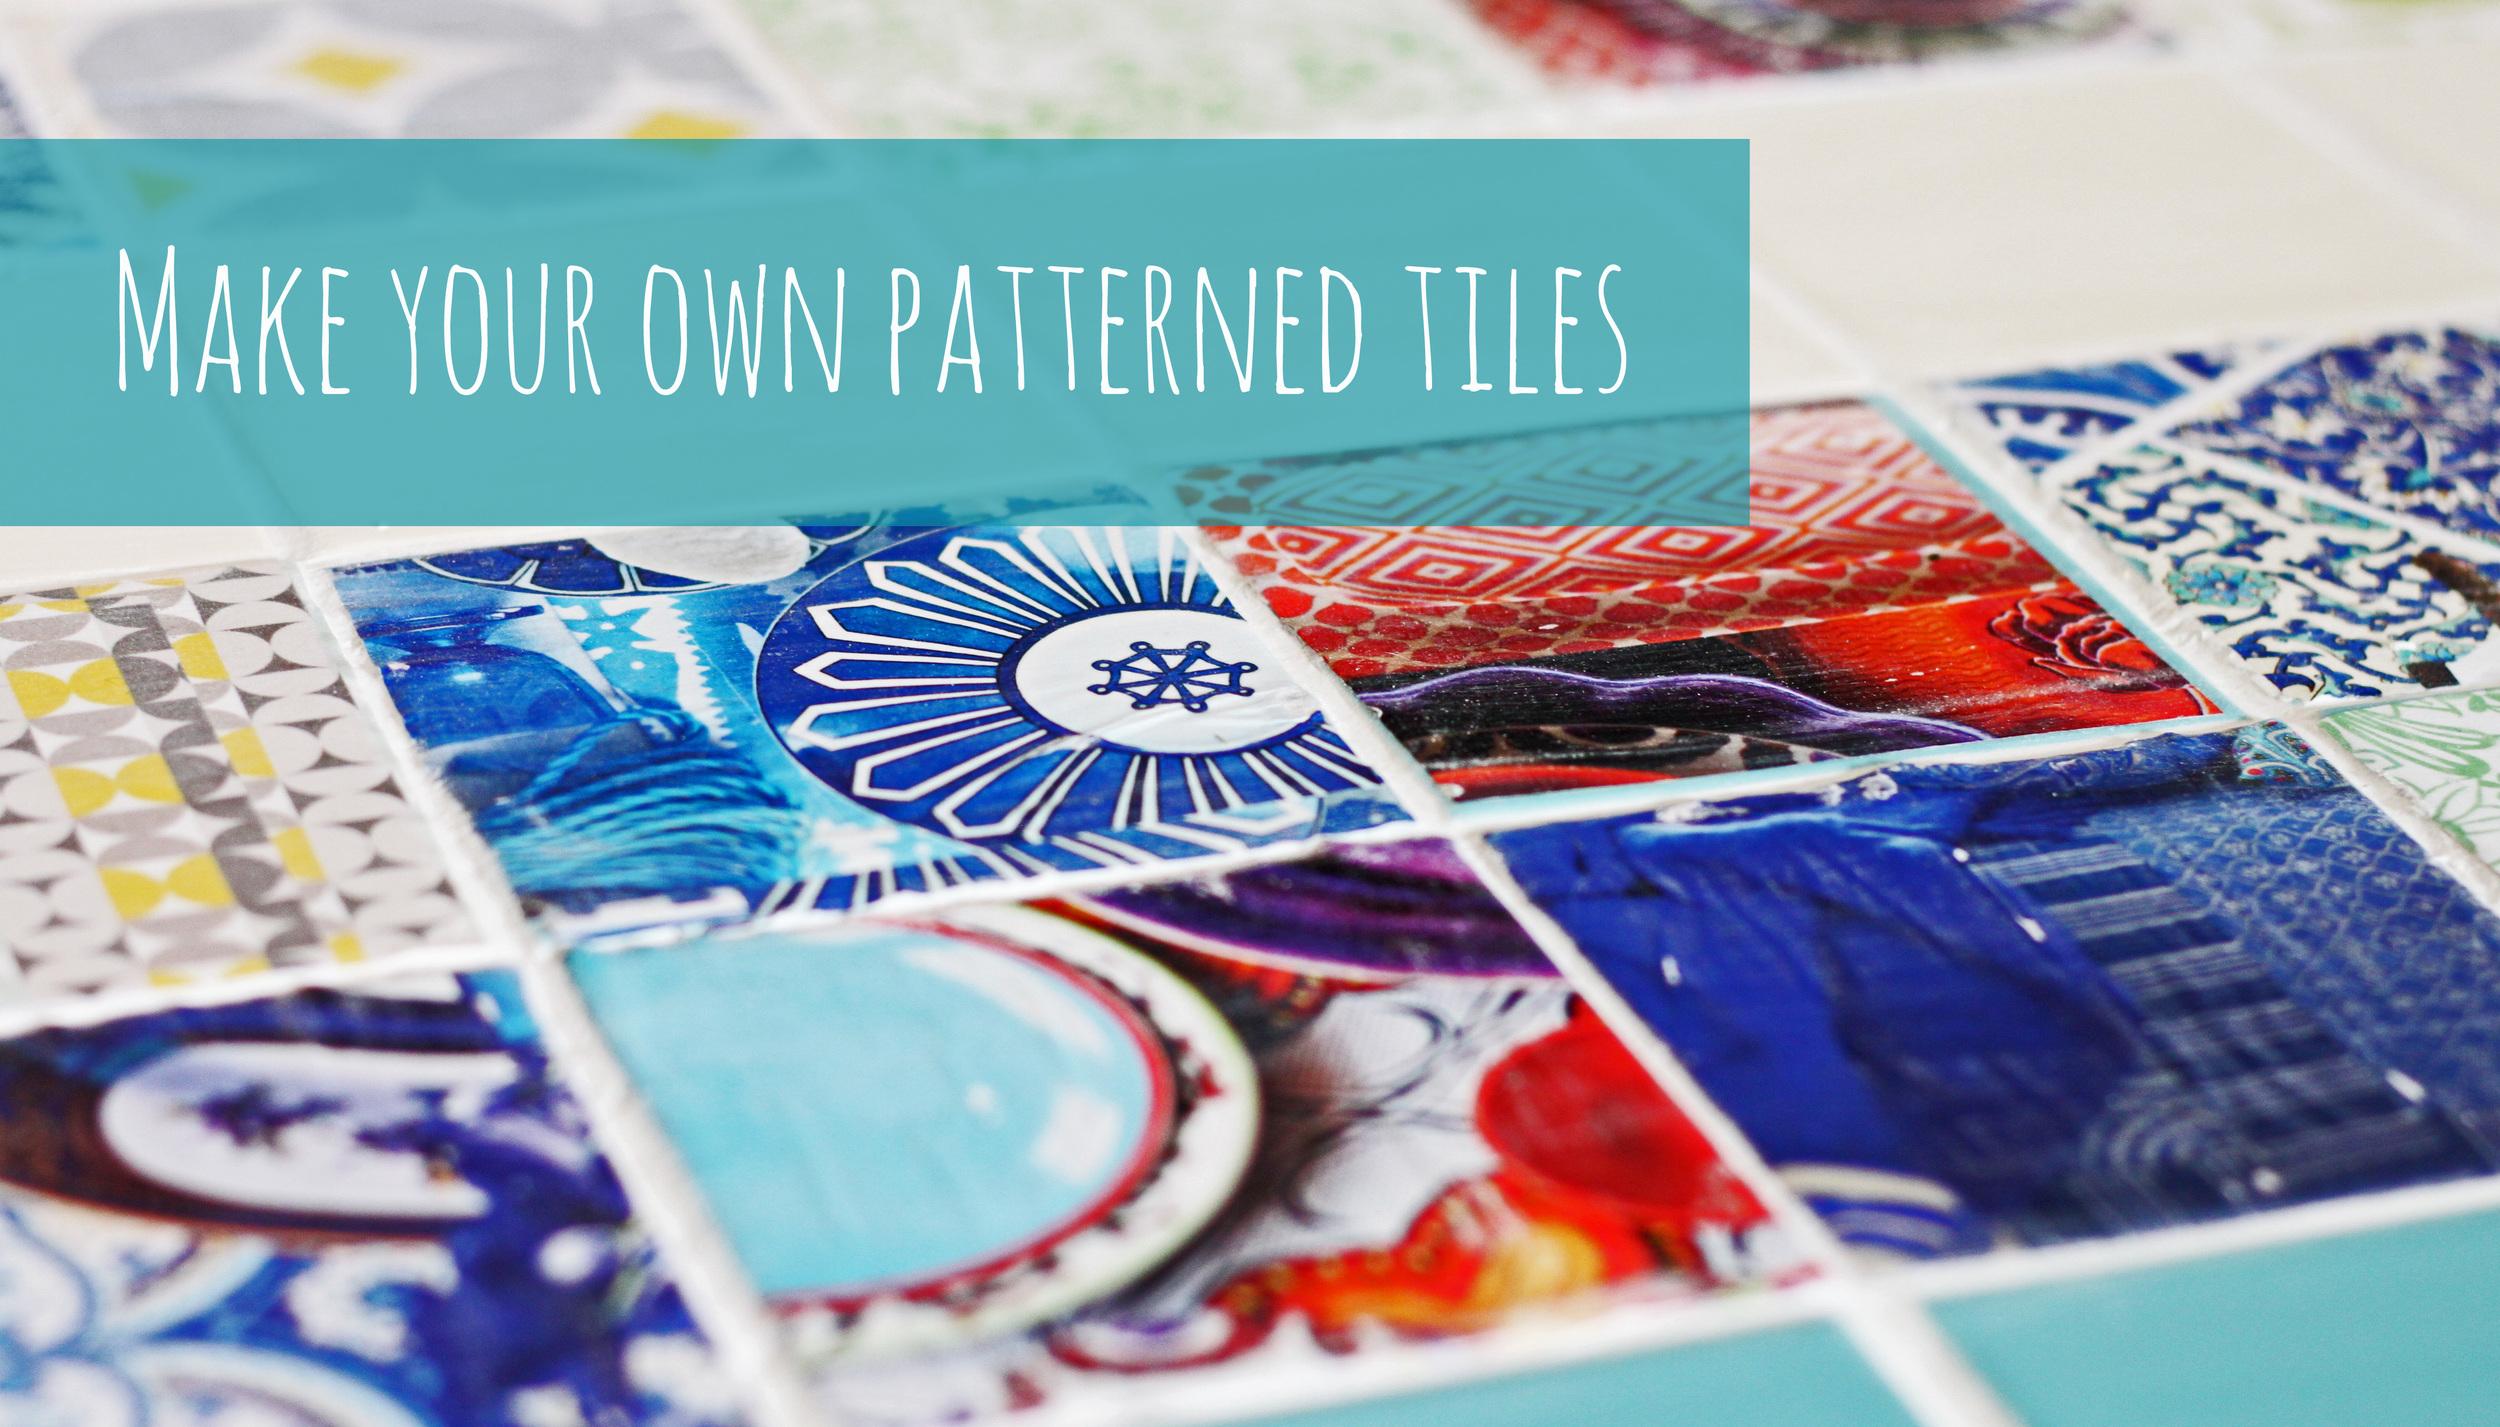 patterned tiles banner.jpg